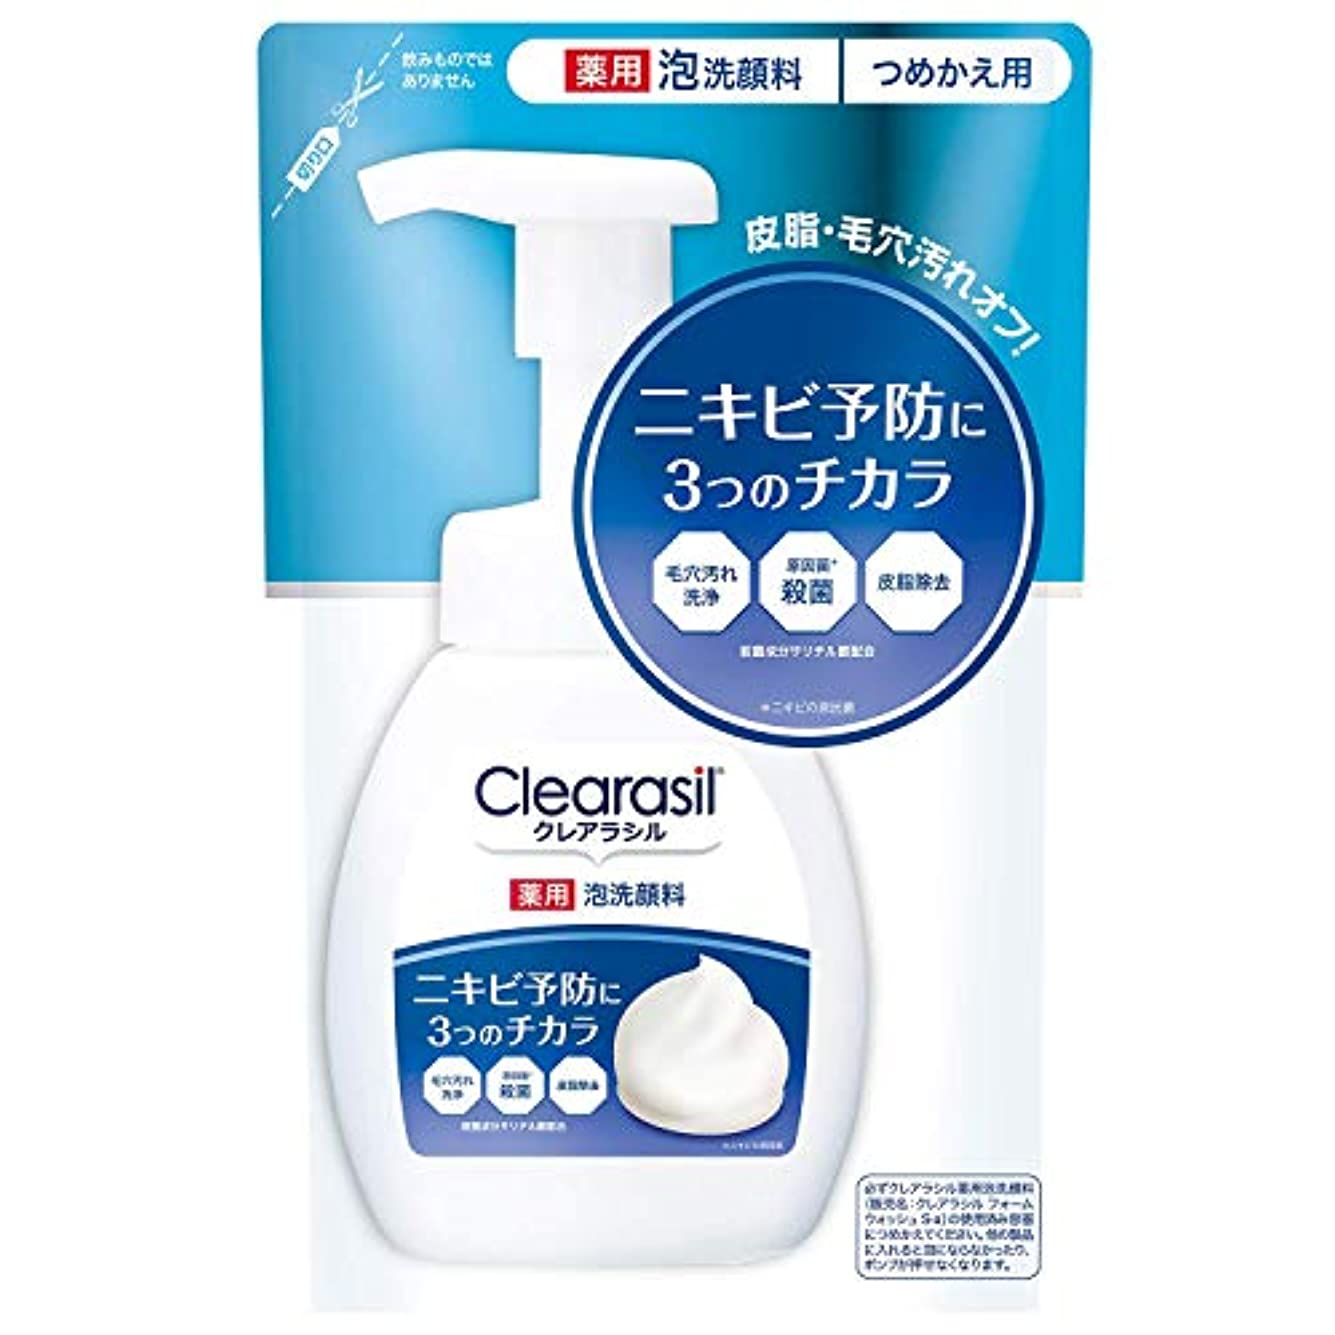 折る真実にプーノ【clearasil】クレアラシル 薬用泡洗顔フォーム10 つめかえ用 (180ml) ×10個セット